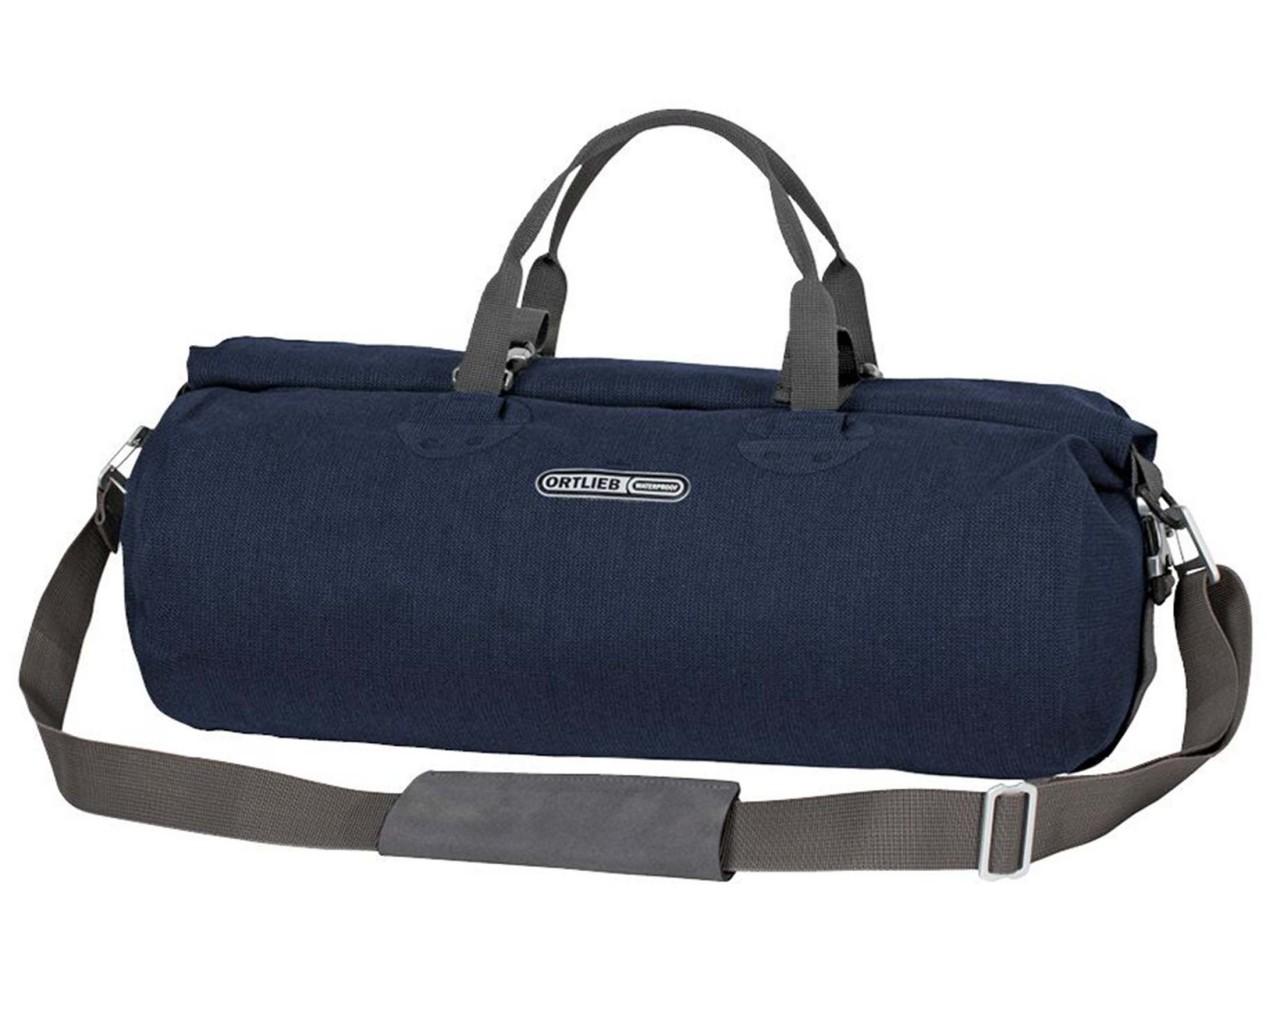 Ortlieb Rack-Pack Urban waterproof bag 24 litre PVC-free   ink